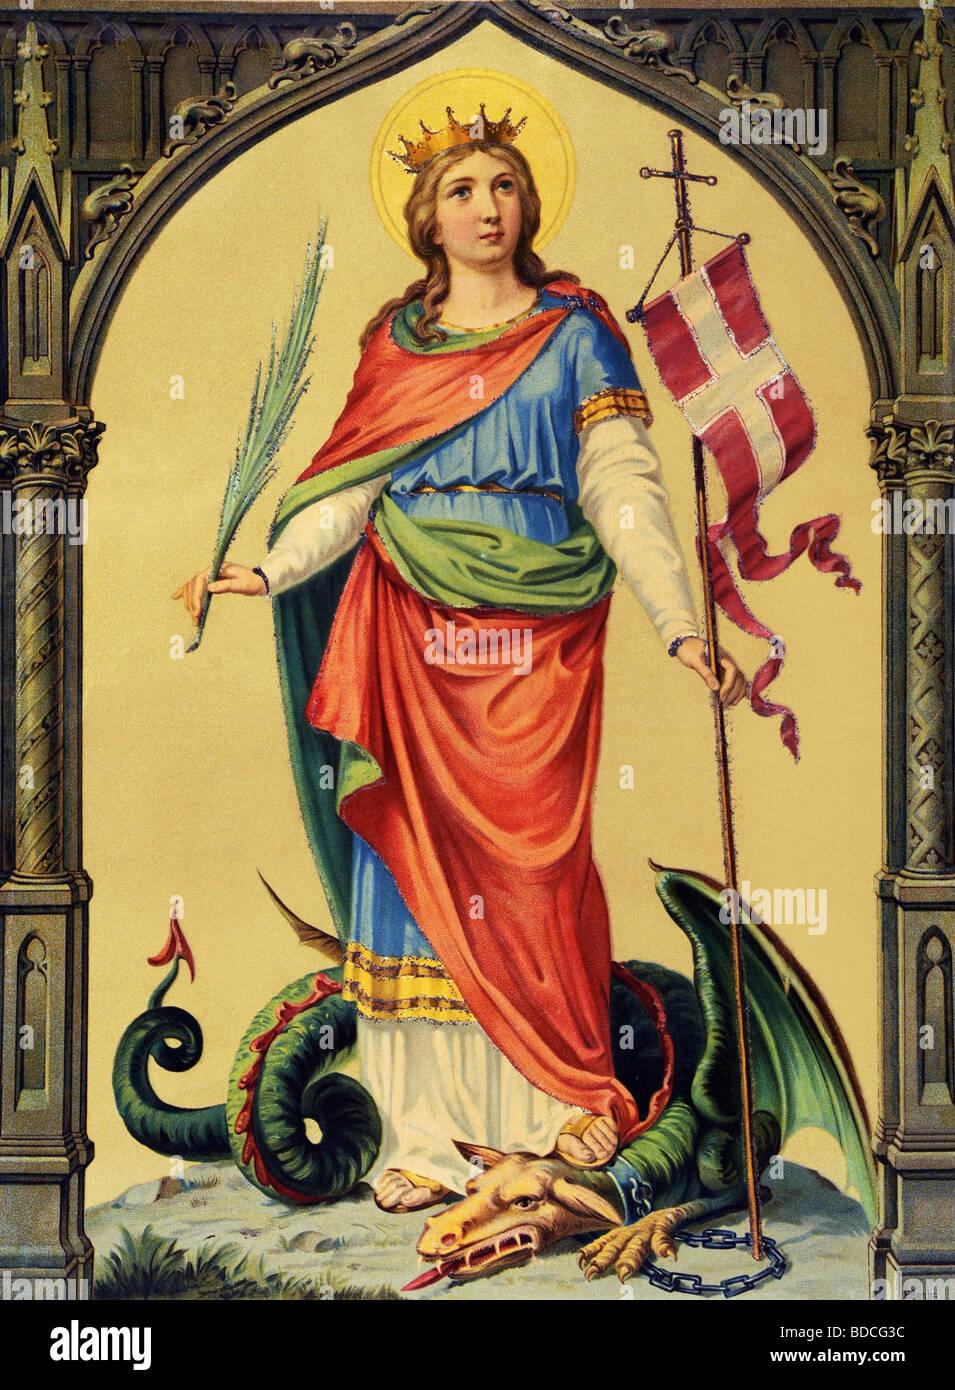 , Santa Margarita de Antioquía, circa 300 AD, virgen y mártir, longitud completa, cabalgando sobre un Imagen De Stock